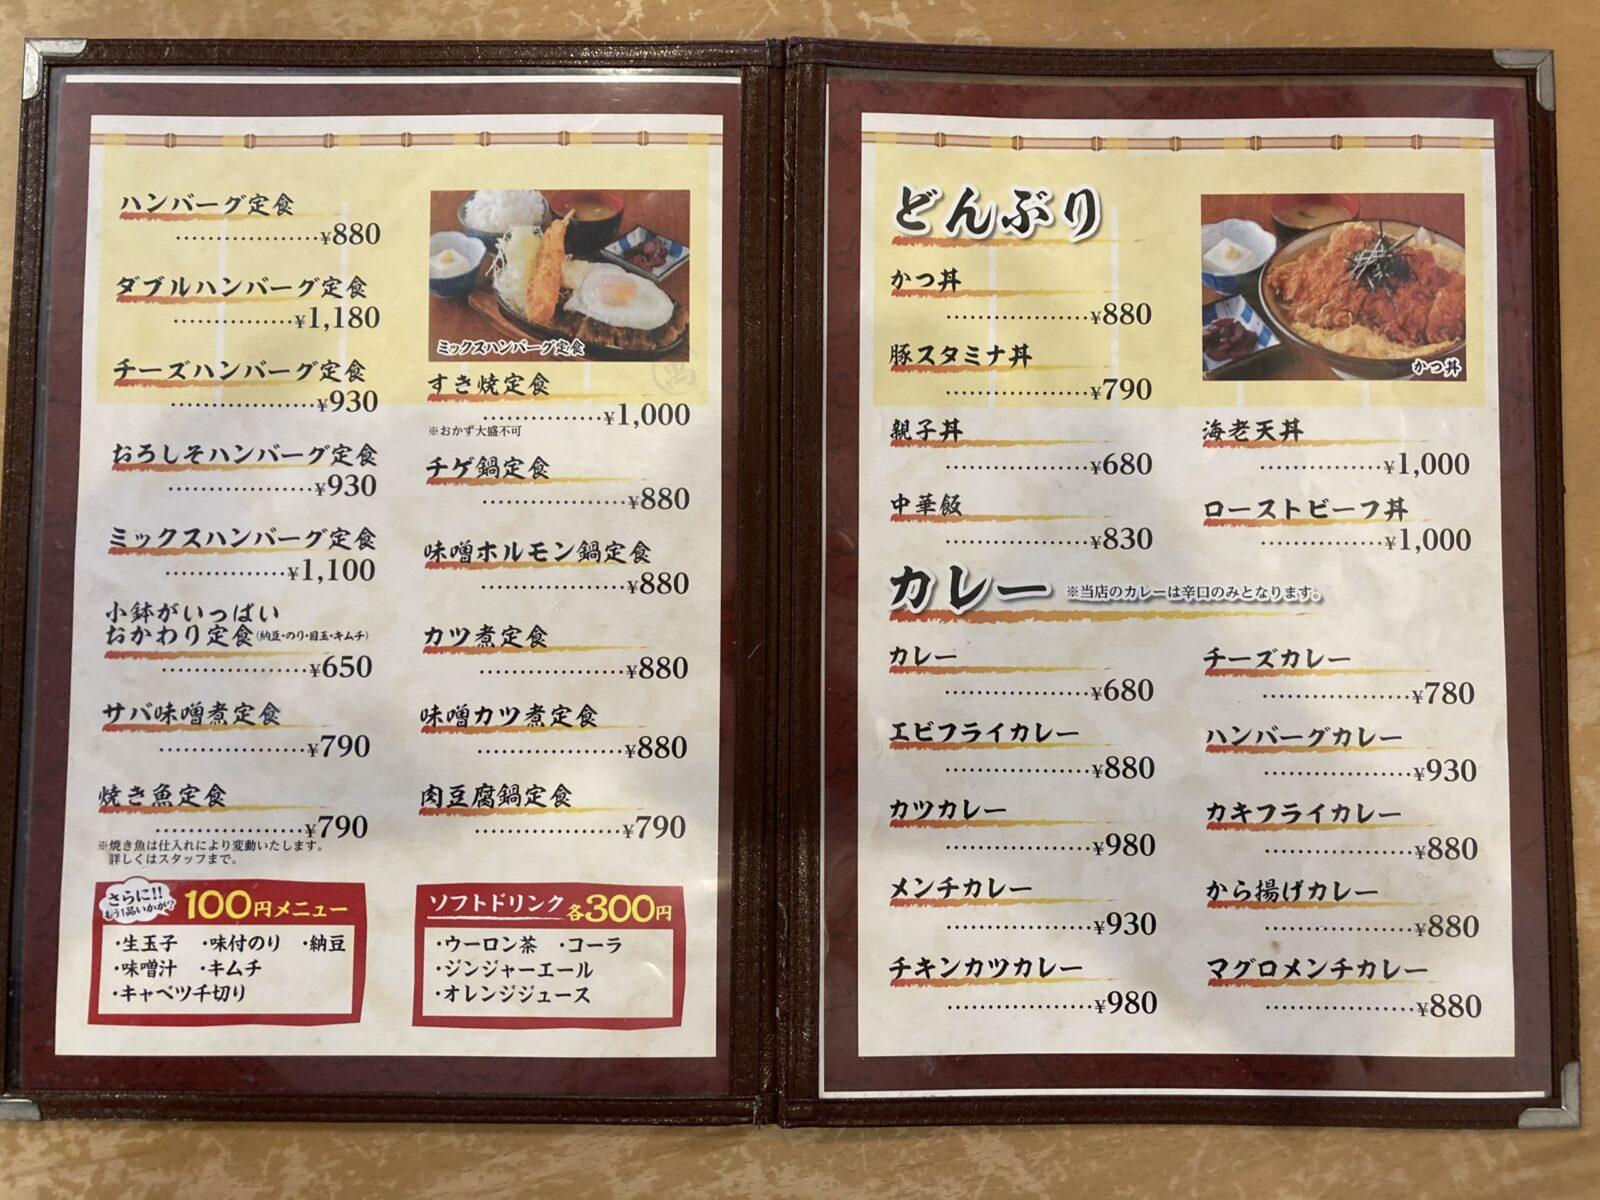 満腹食堂メニュー3